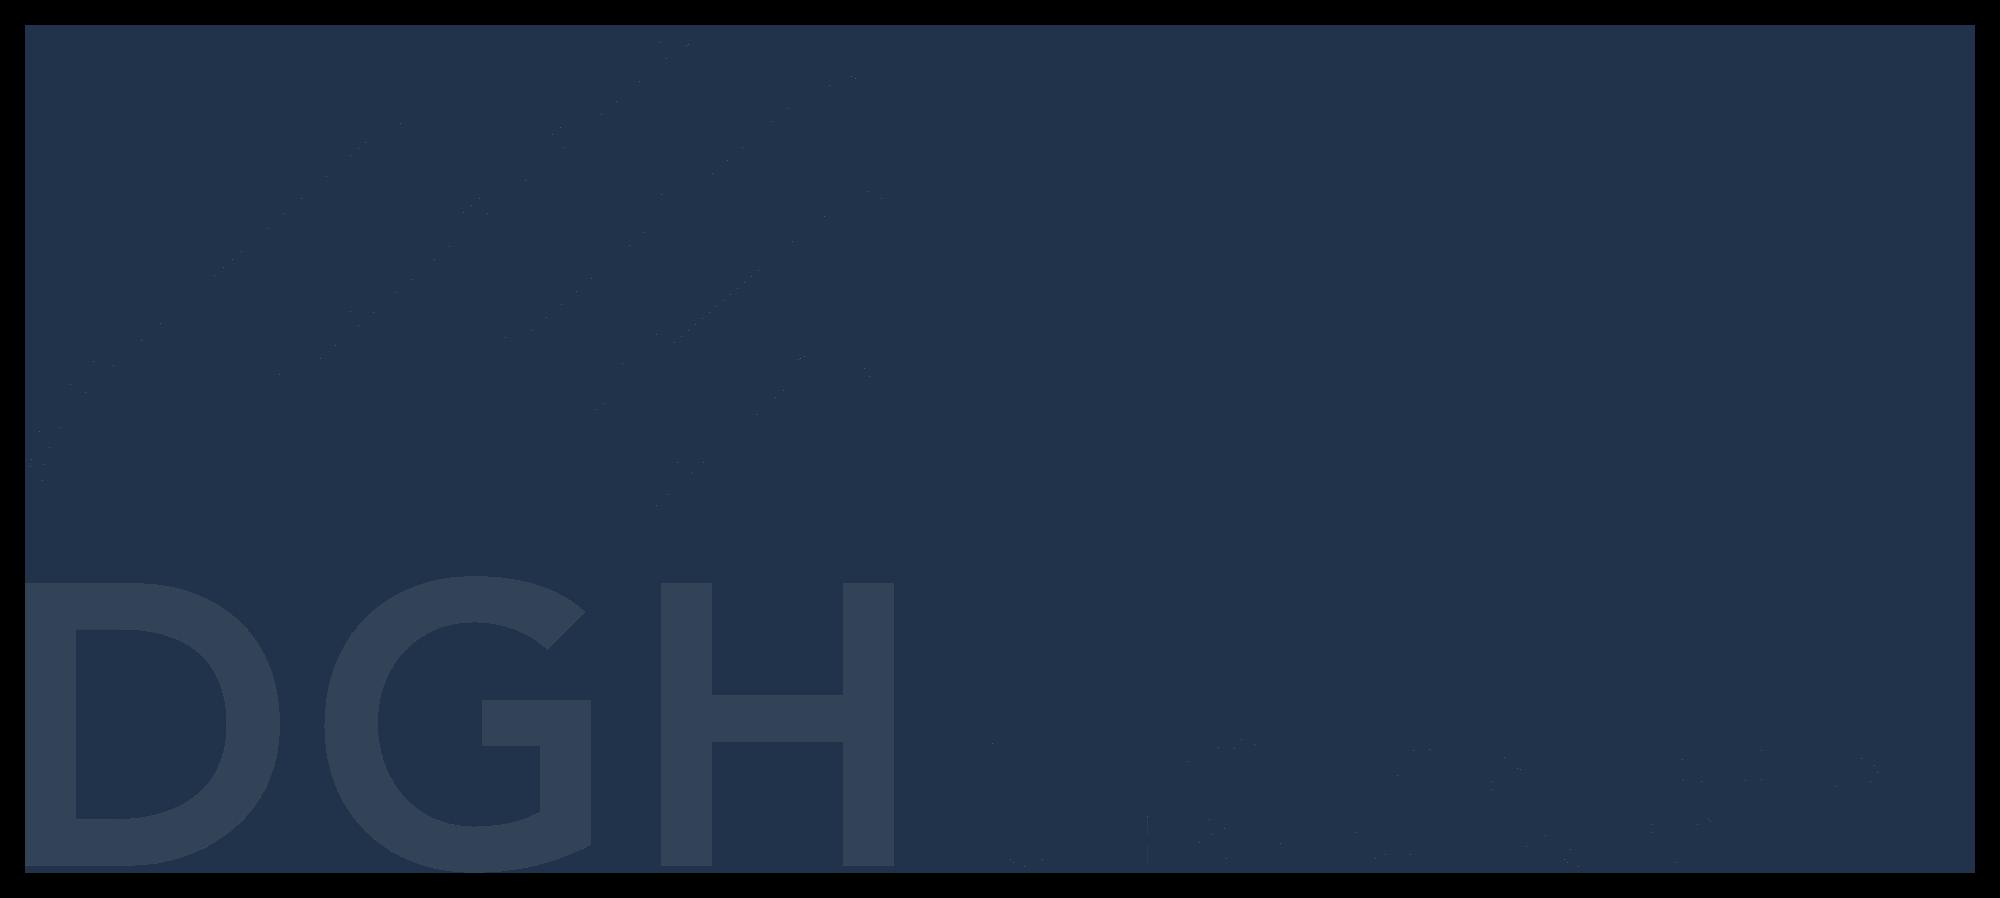 Deutsche_Gesellschaft_Hand chirurgie_logo-blue